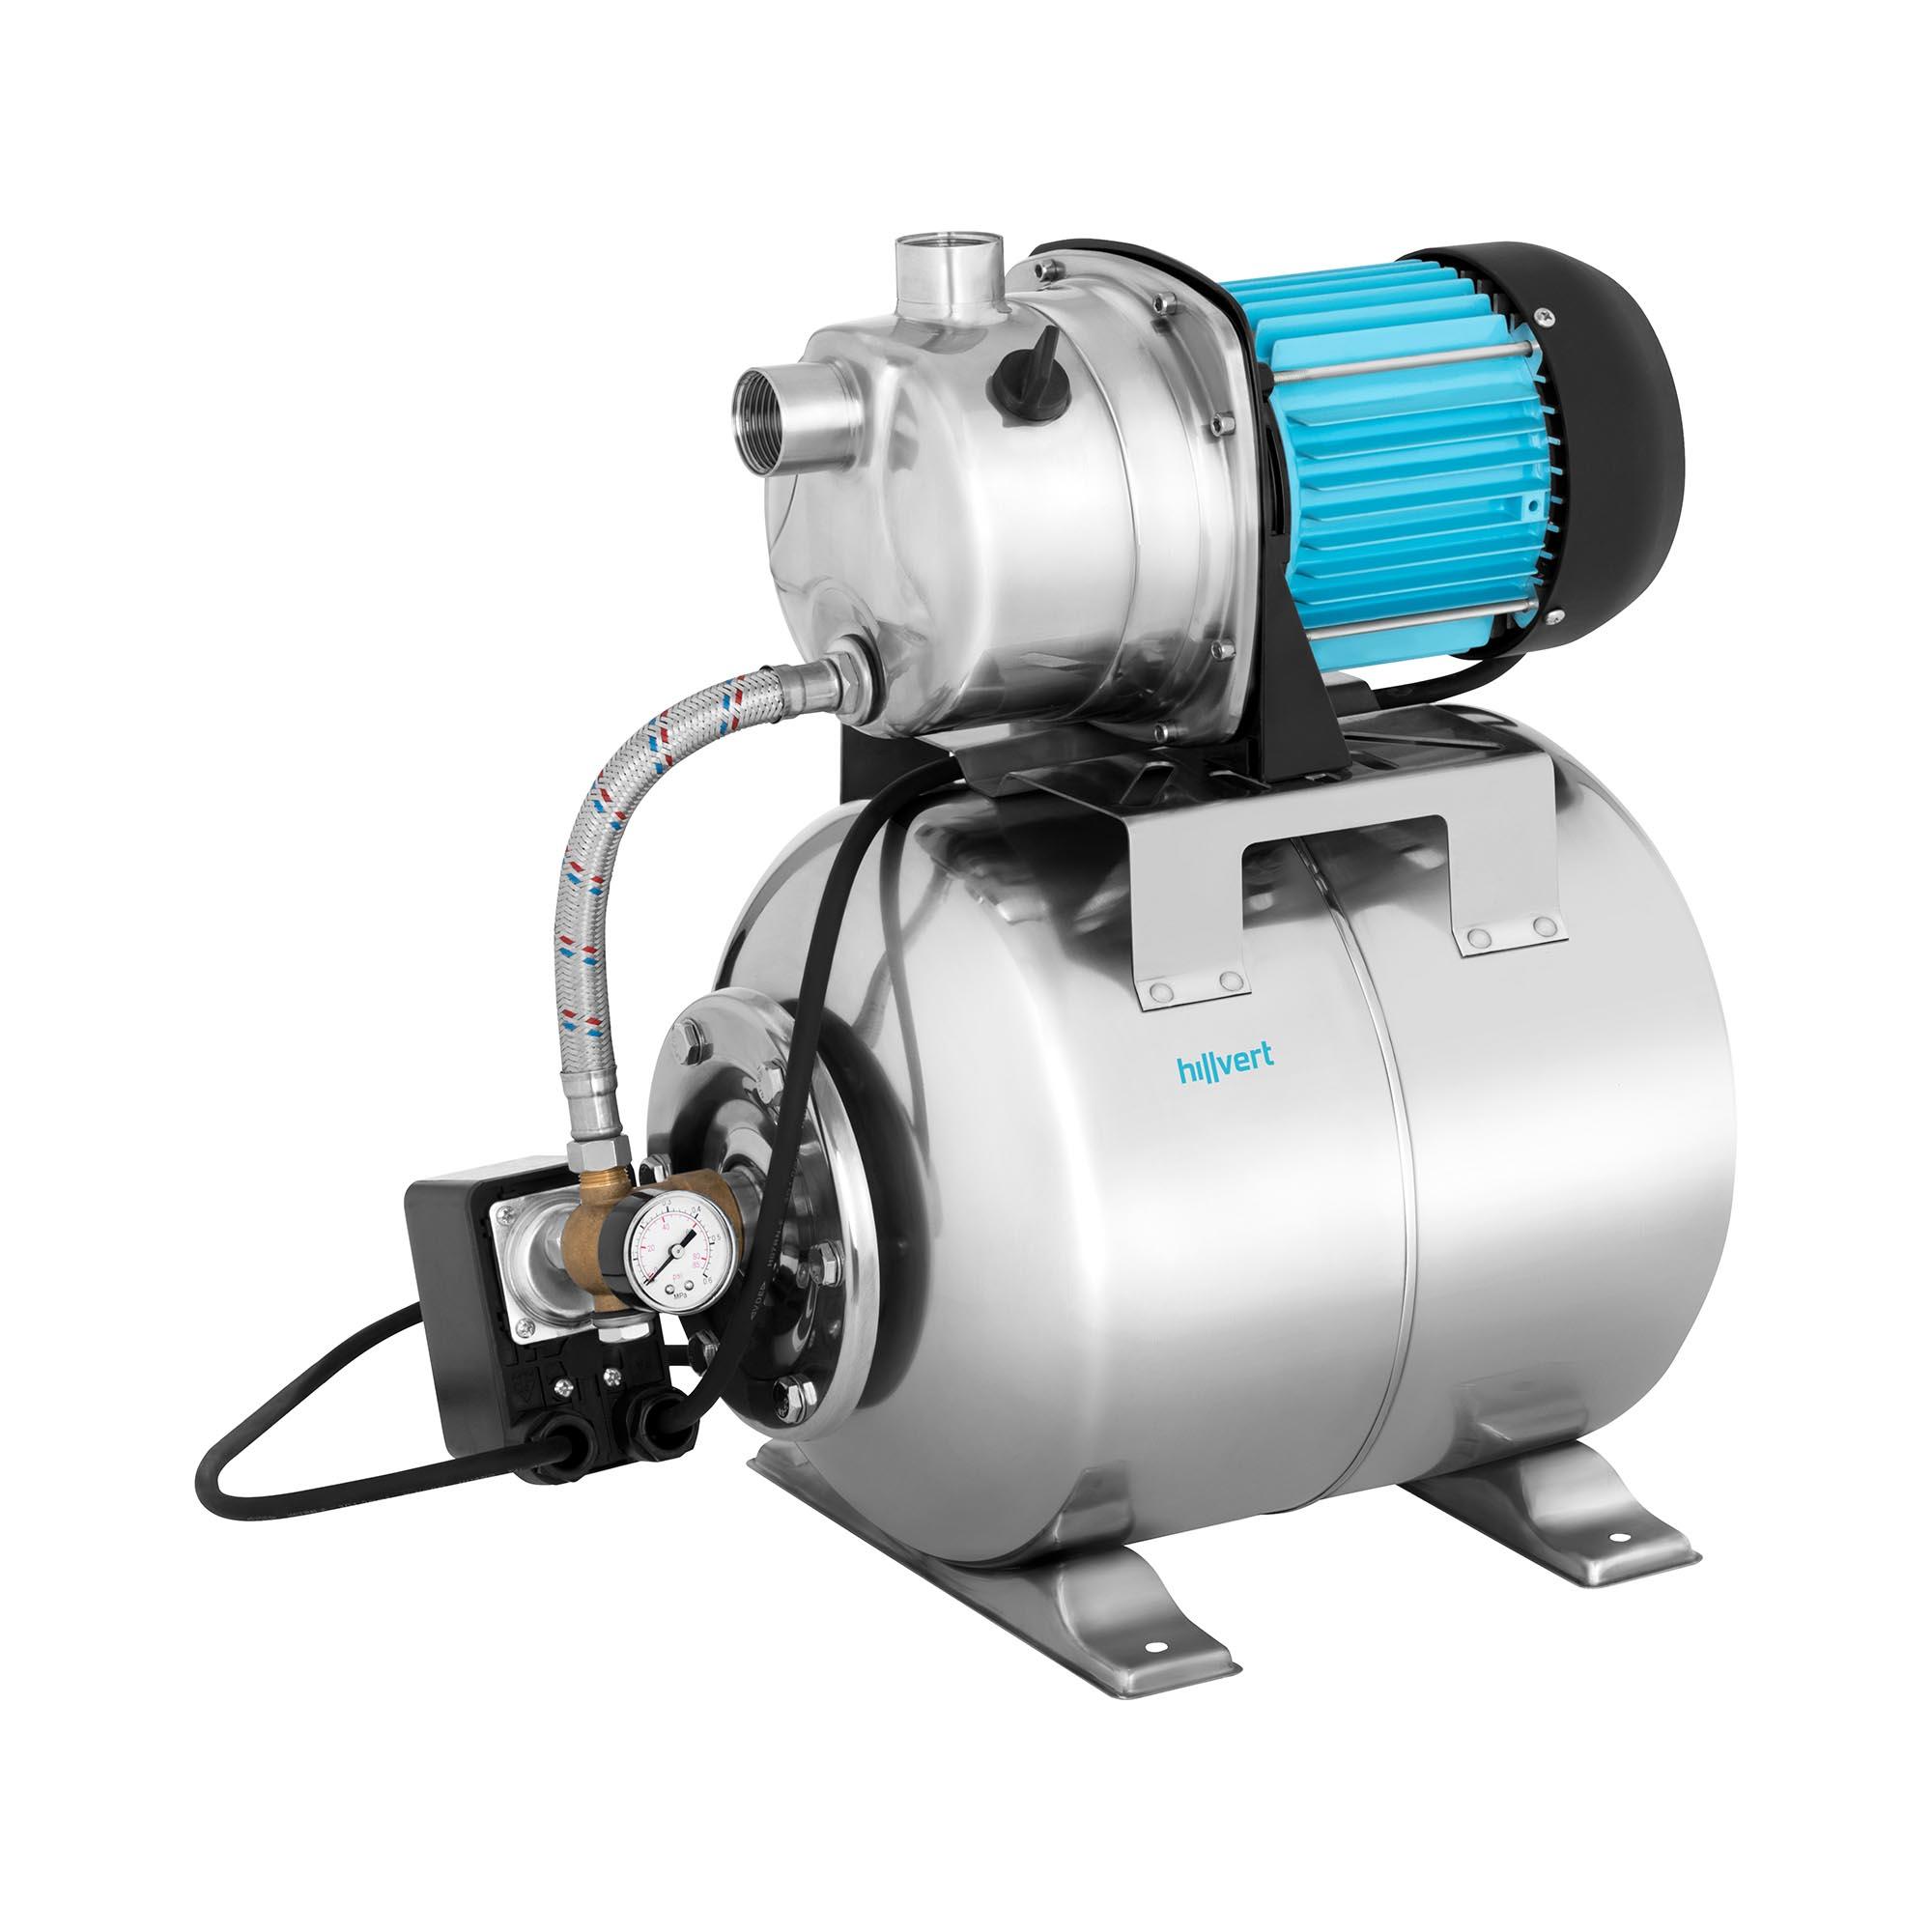 hillvert Hauswasserwerk - 3.500 L/h - 1.200 W - Edelstahl 10090091